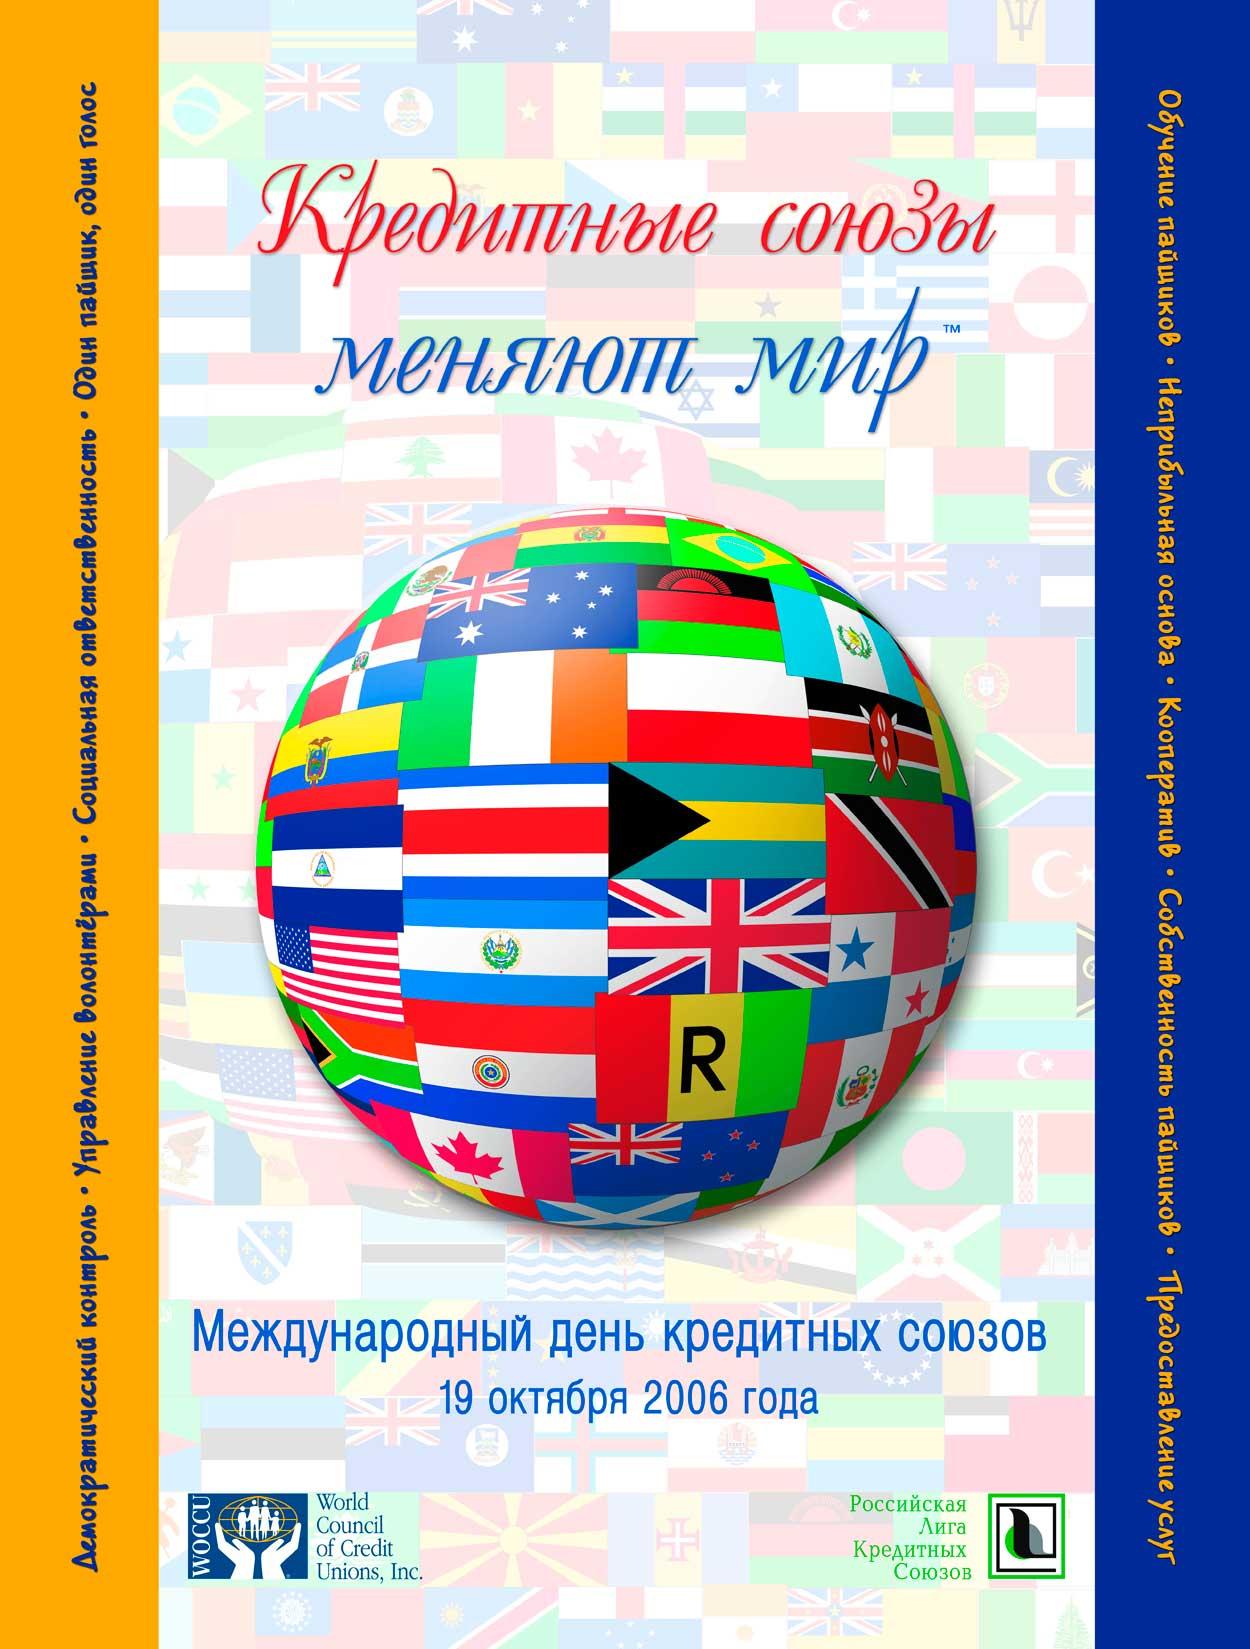 Плакат к Международному дню кредитных союзов 2006 год